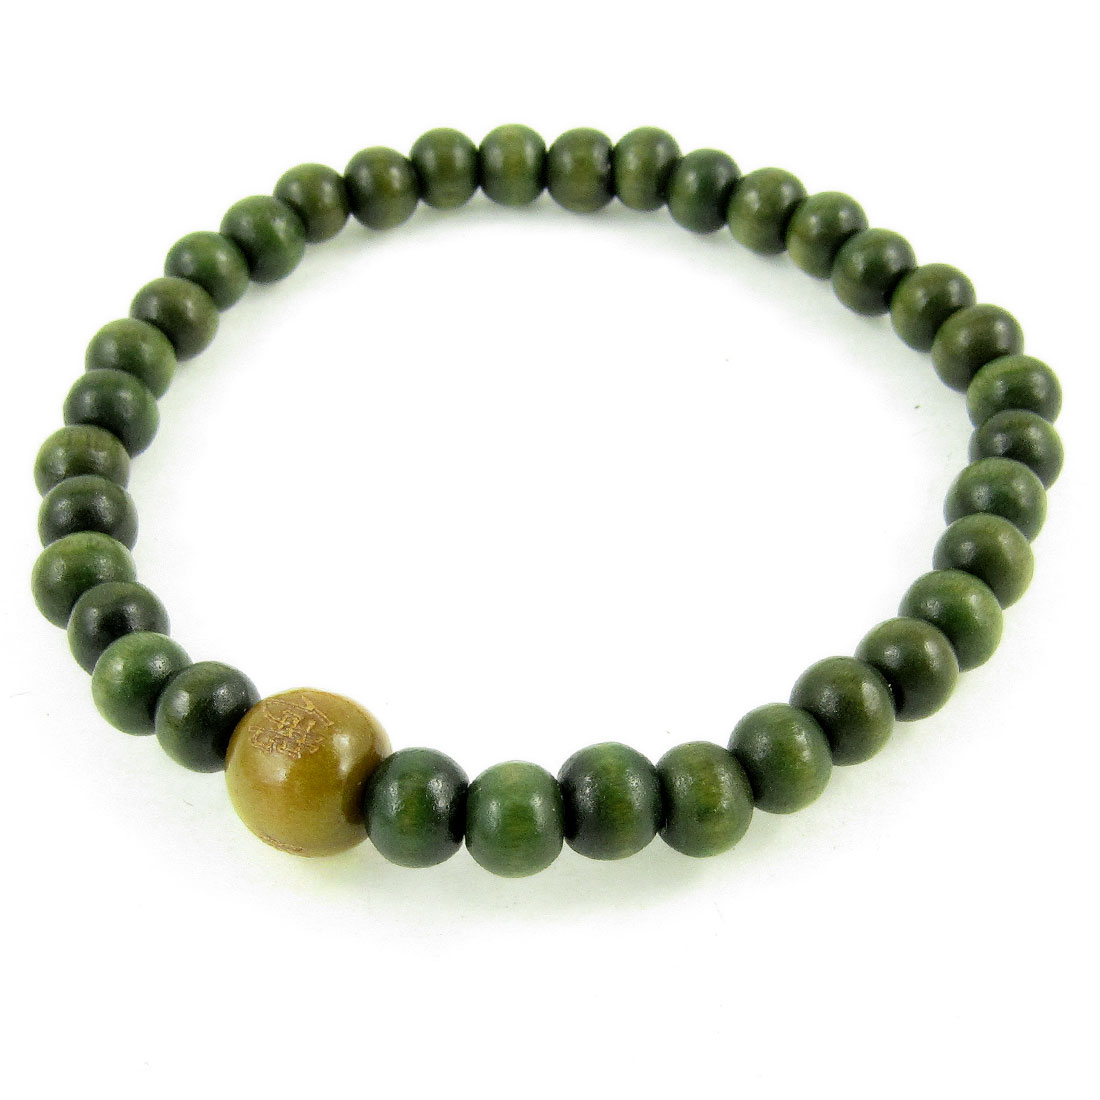 Plastic Round Buddha Beads Elastic Hand Catenary Olive Green